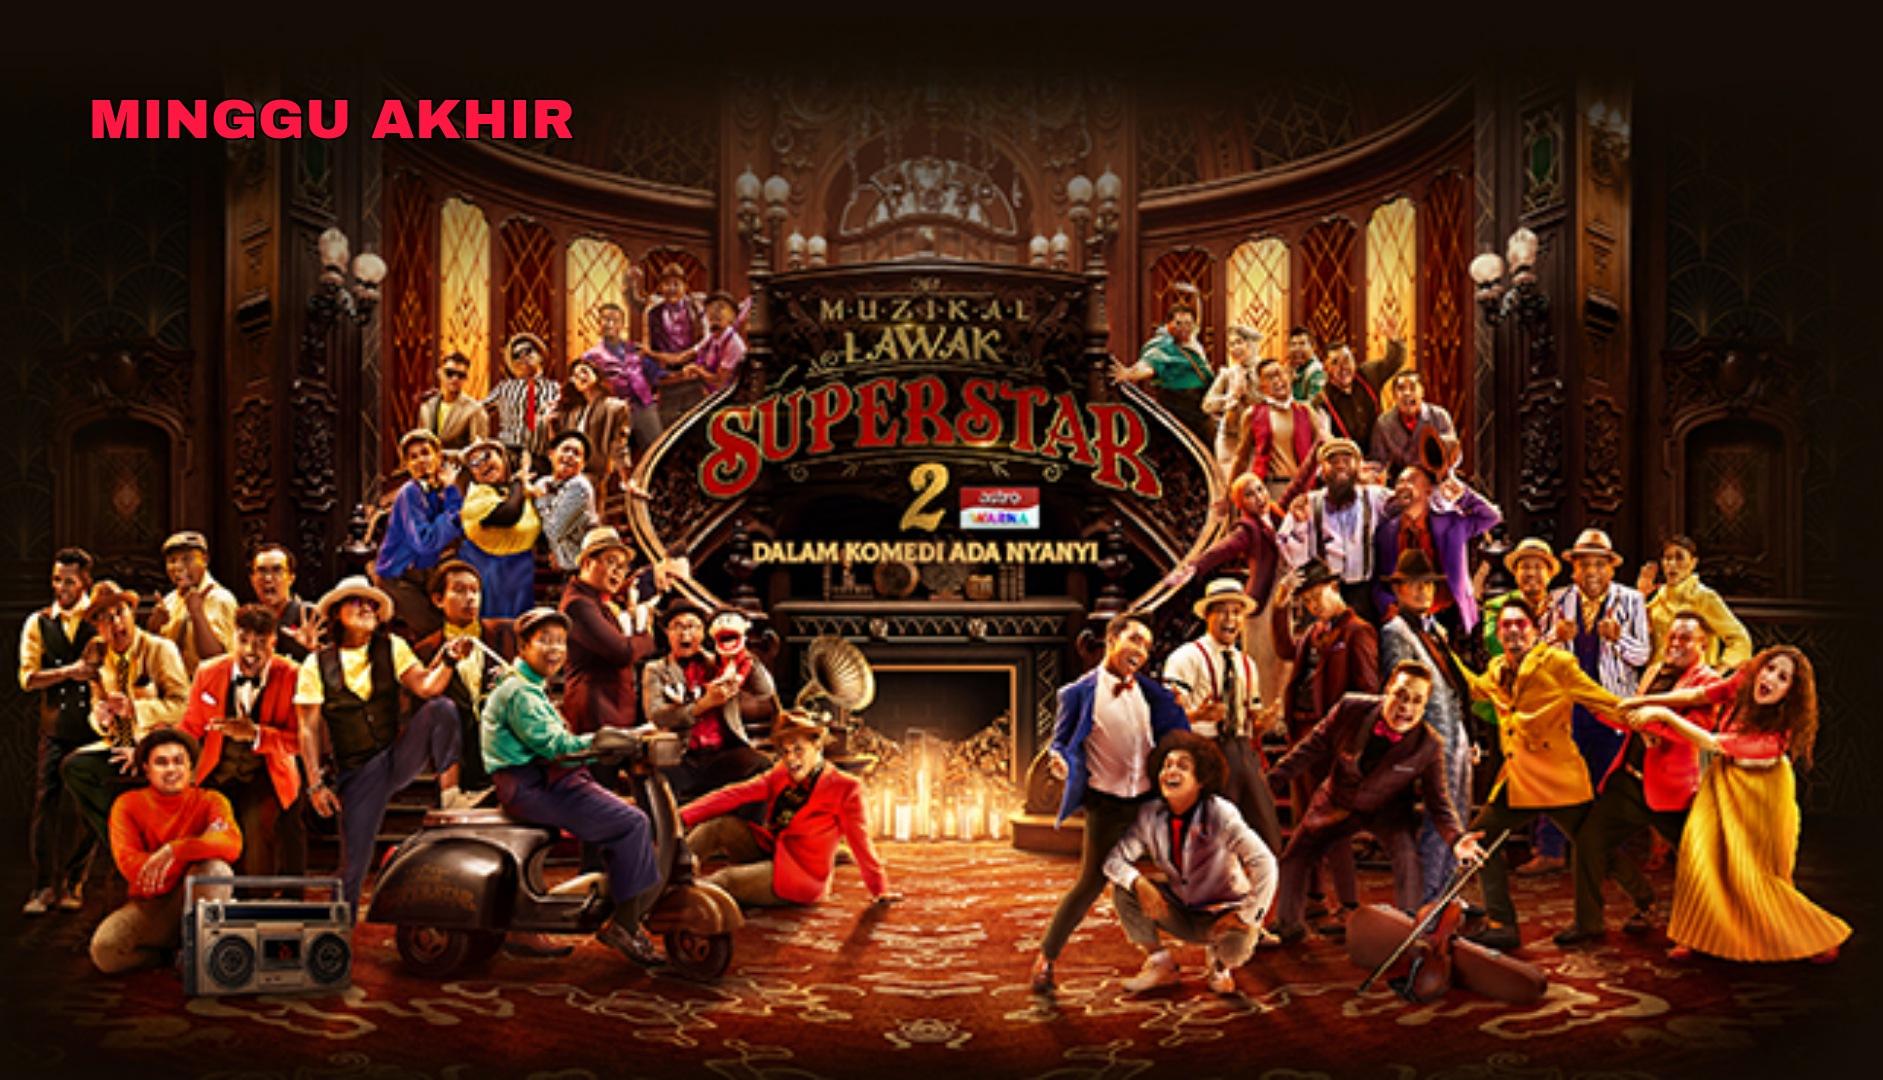 Live Streaming Muzikal Lawak Superstar 2020 Minggu 10 (Akhir)